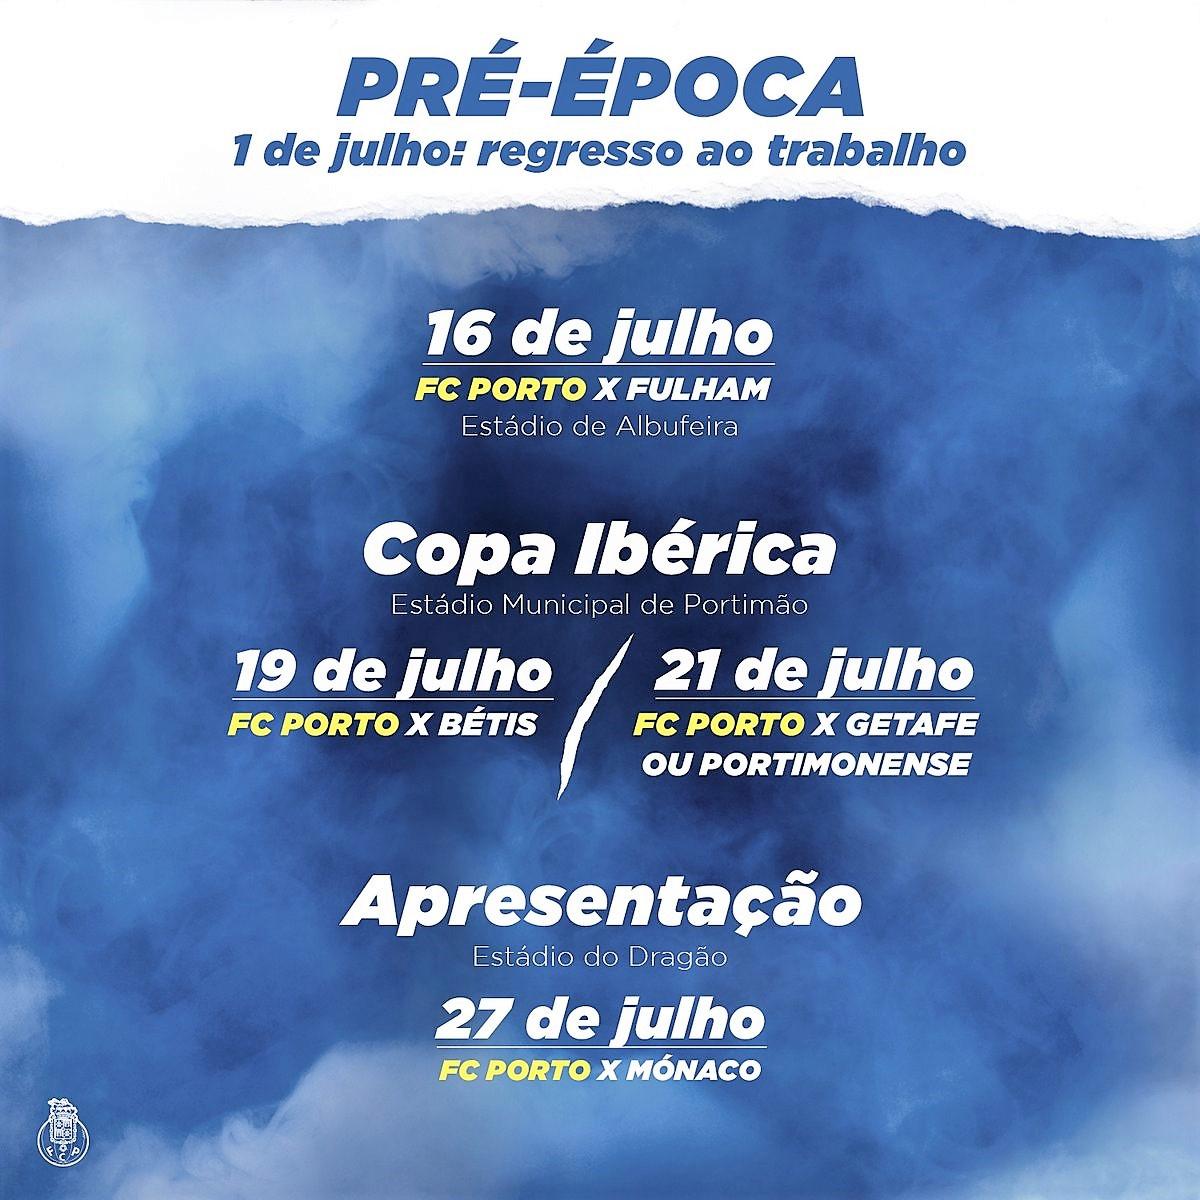 21 de julho: Portimão